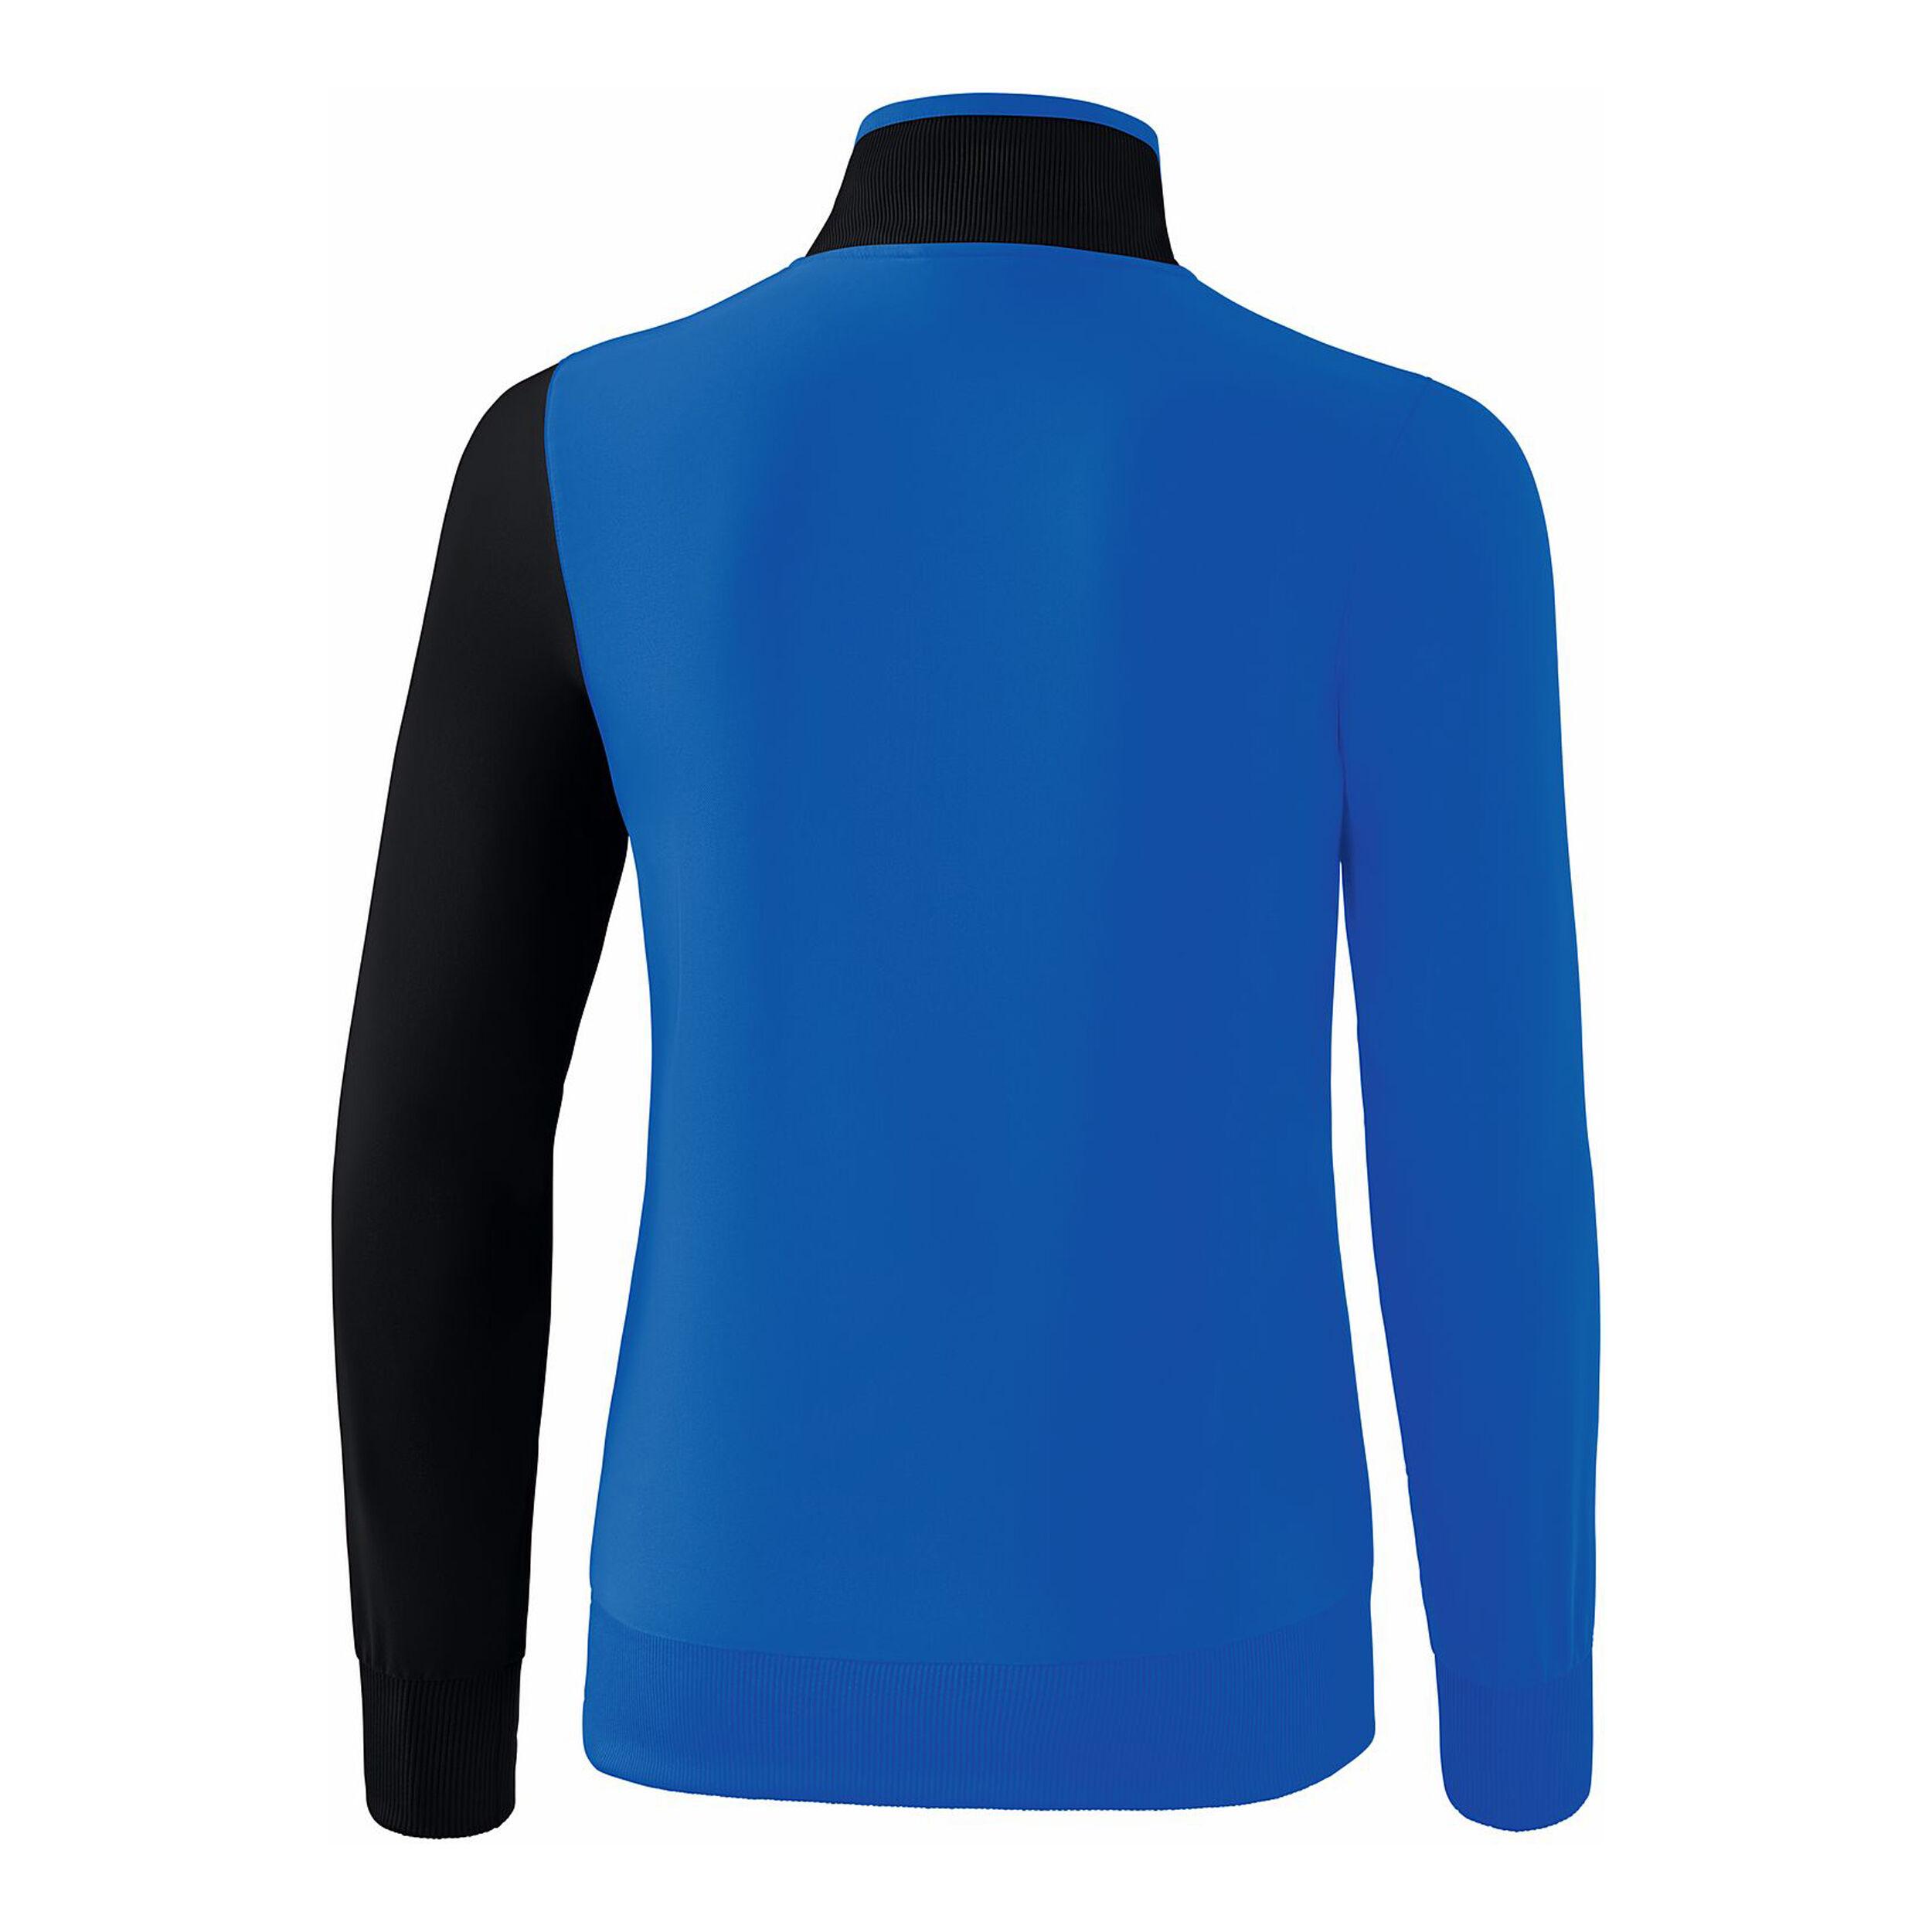 Erima 5 C Trainingsjacke Damen Blau, Schwarz online kaufen